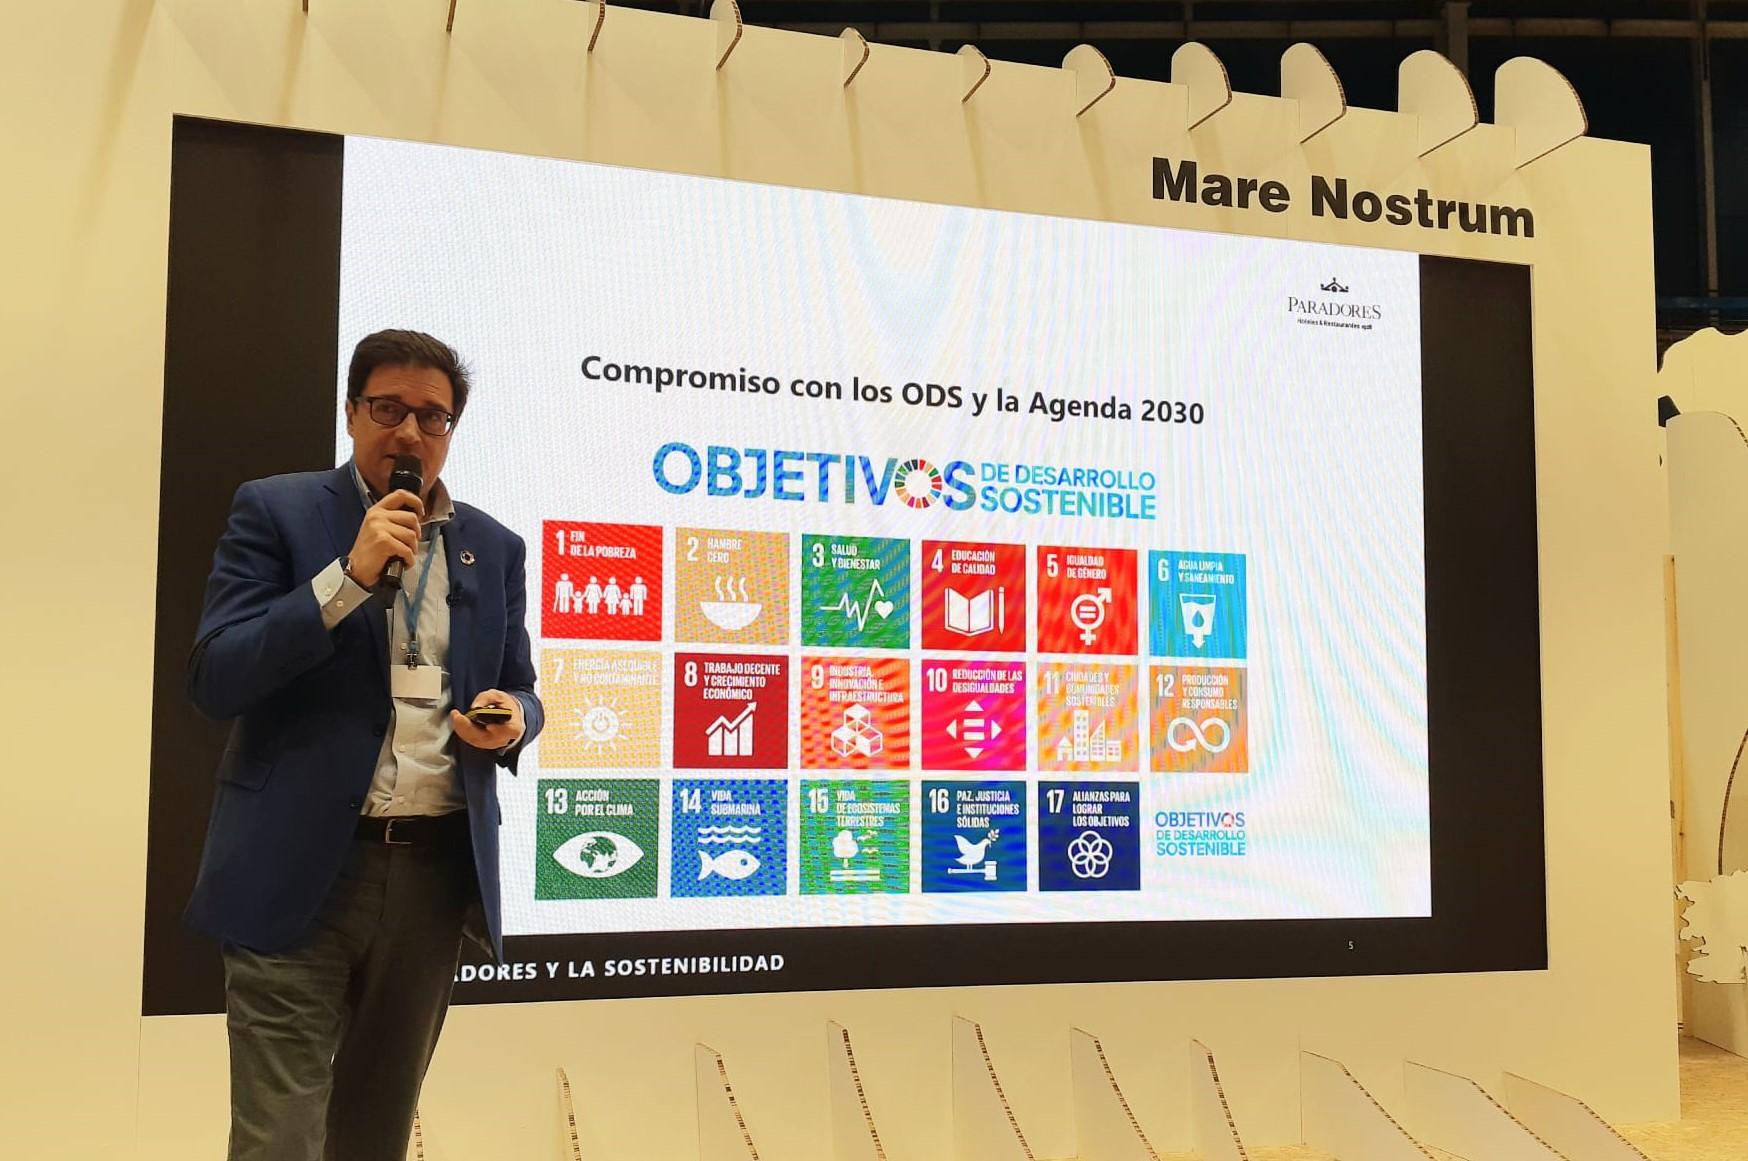 Paradores detalla su modelo de turismo sostenible en la cumbre del clima